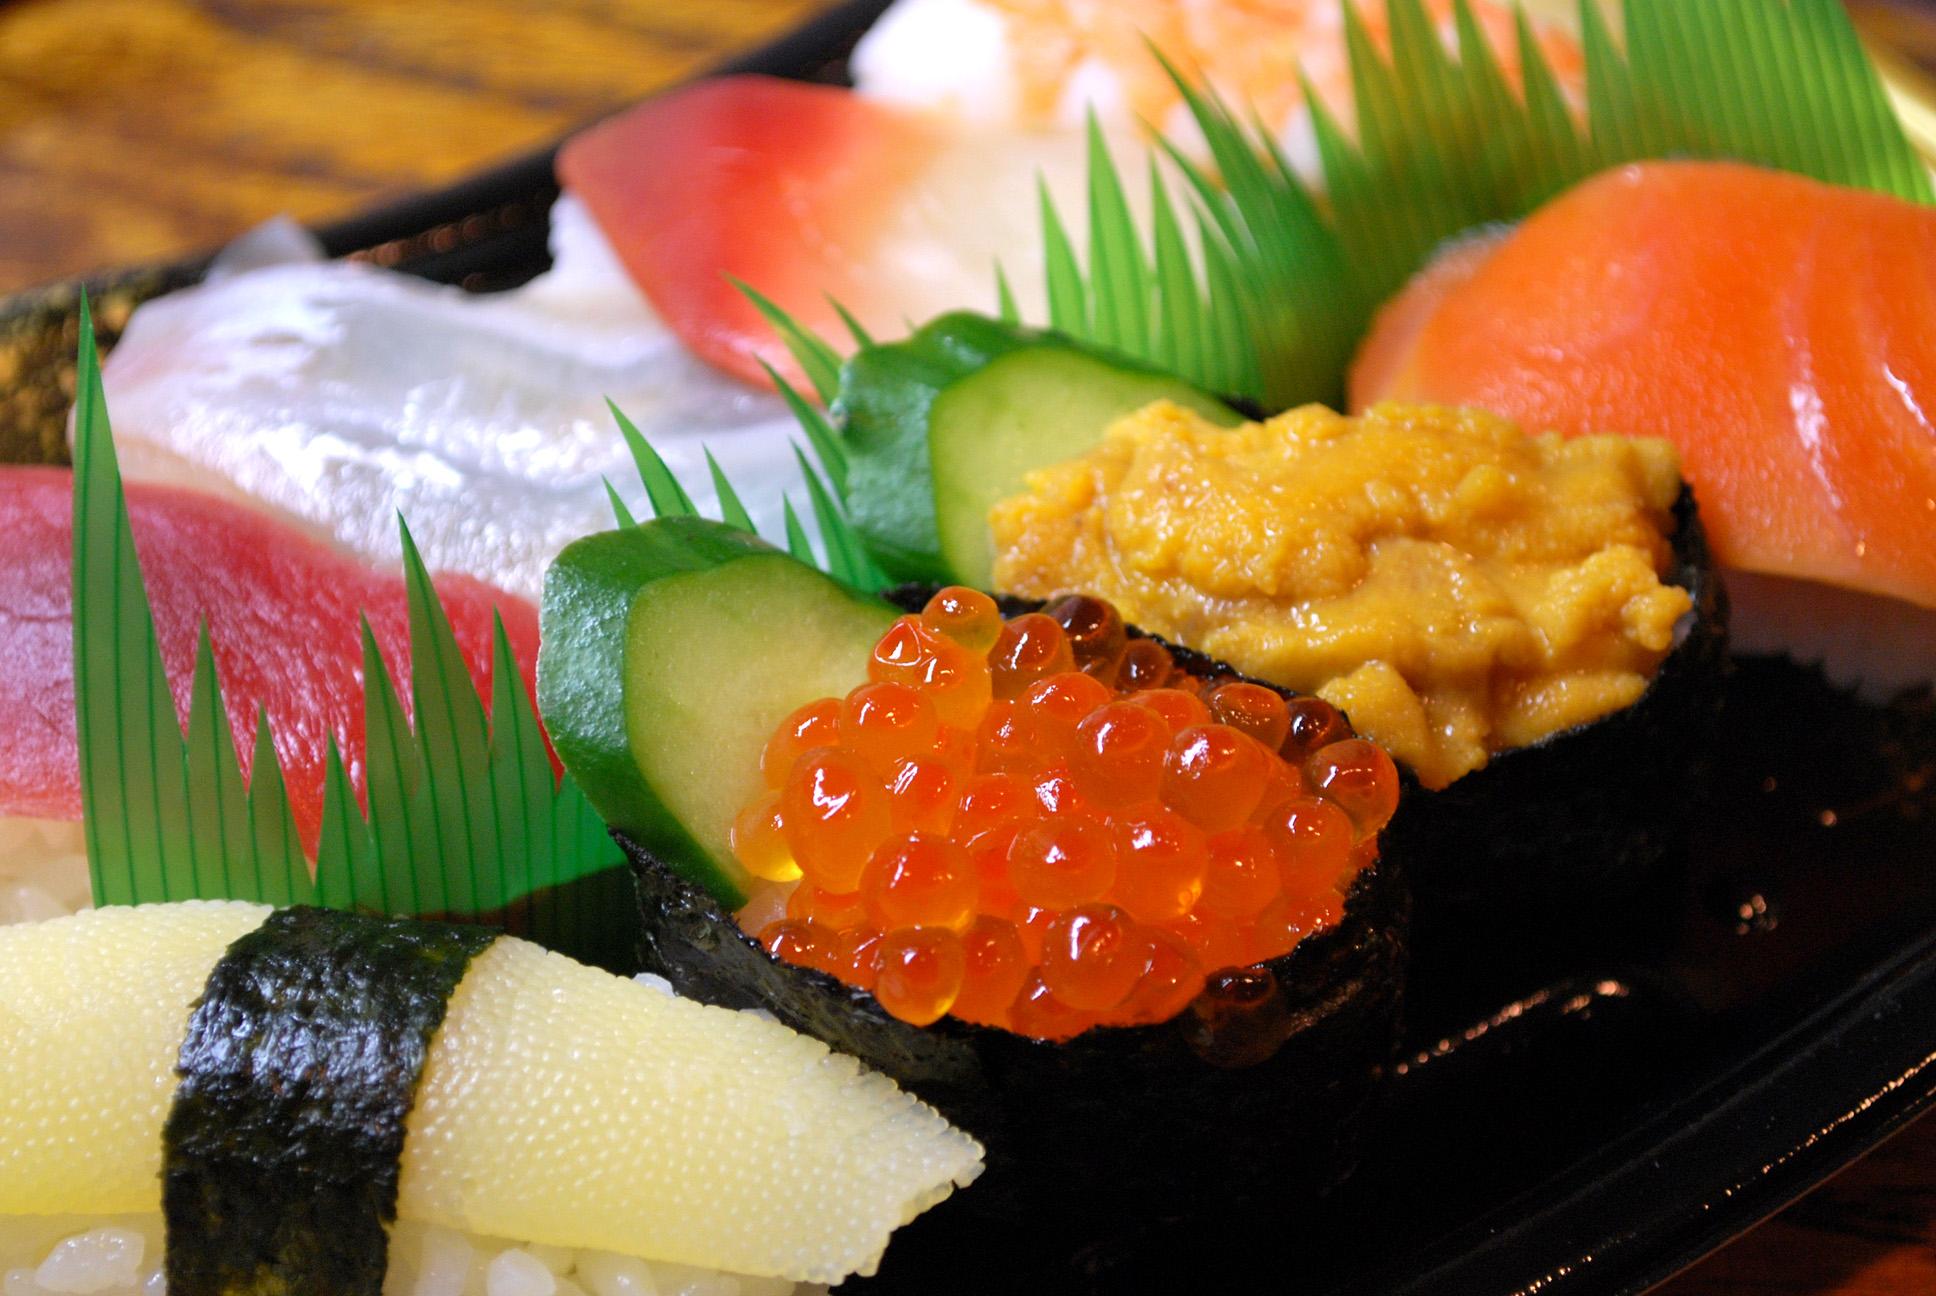 あなたは知ってる?意外と知らない正しい寿司の食べ方をご紹介!のサムネイル画像